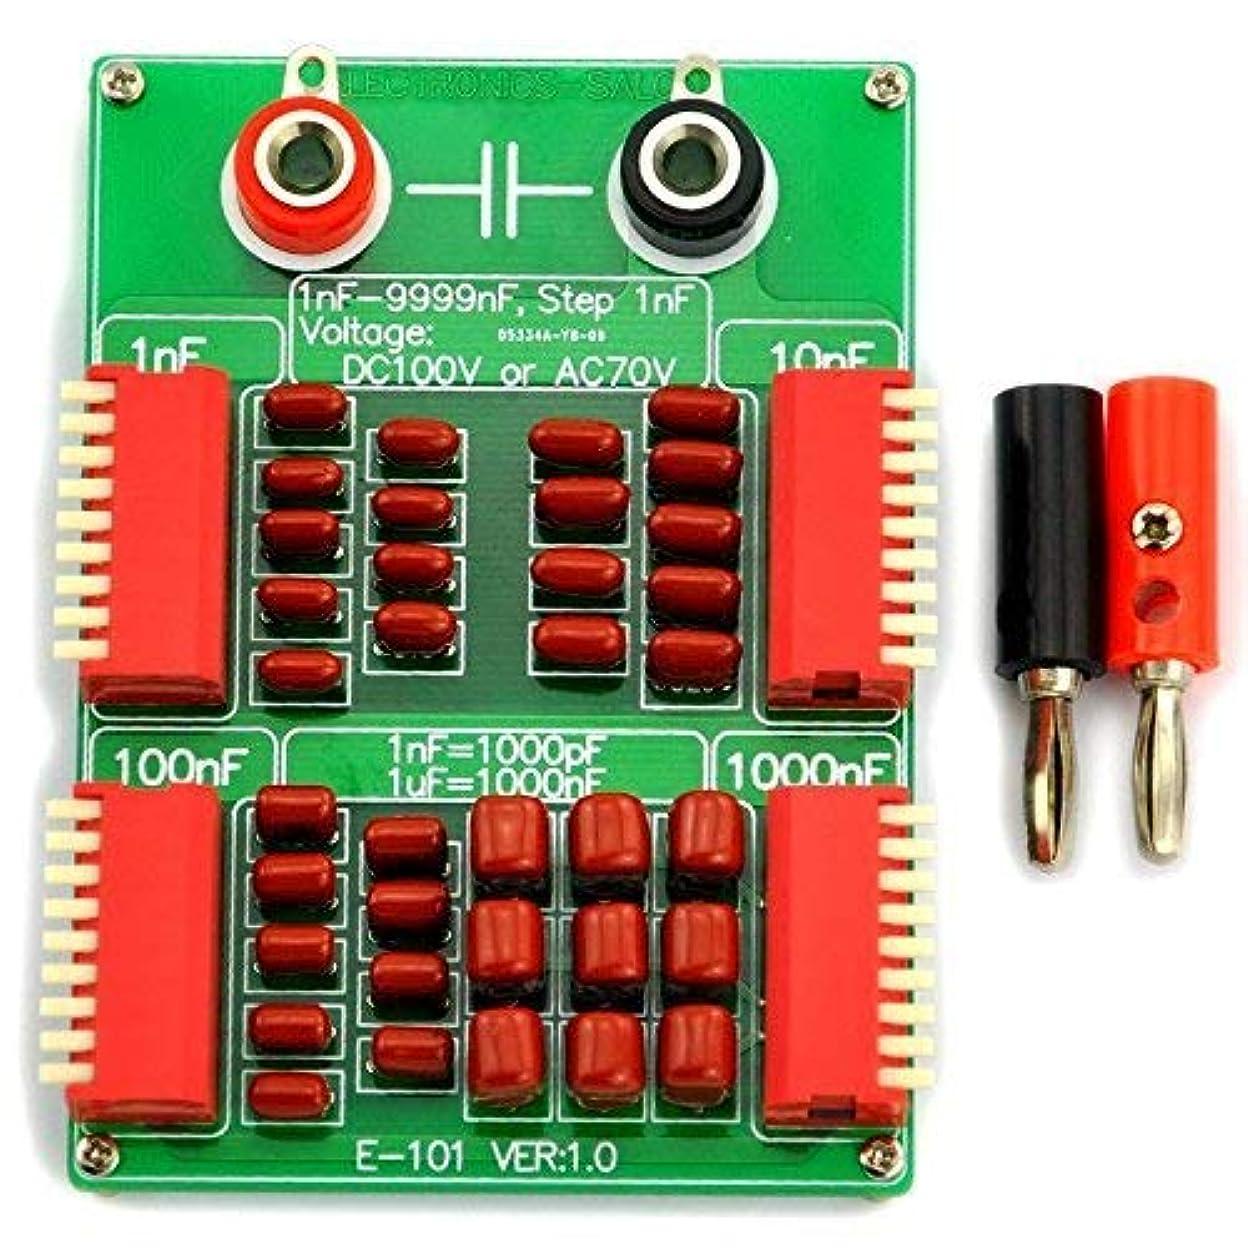 統合月面それるElectronics-Salon 9999nfステップ-1nF 4十年 プログラム可能なコンデンサ?ボードに1nF